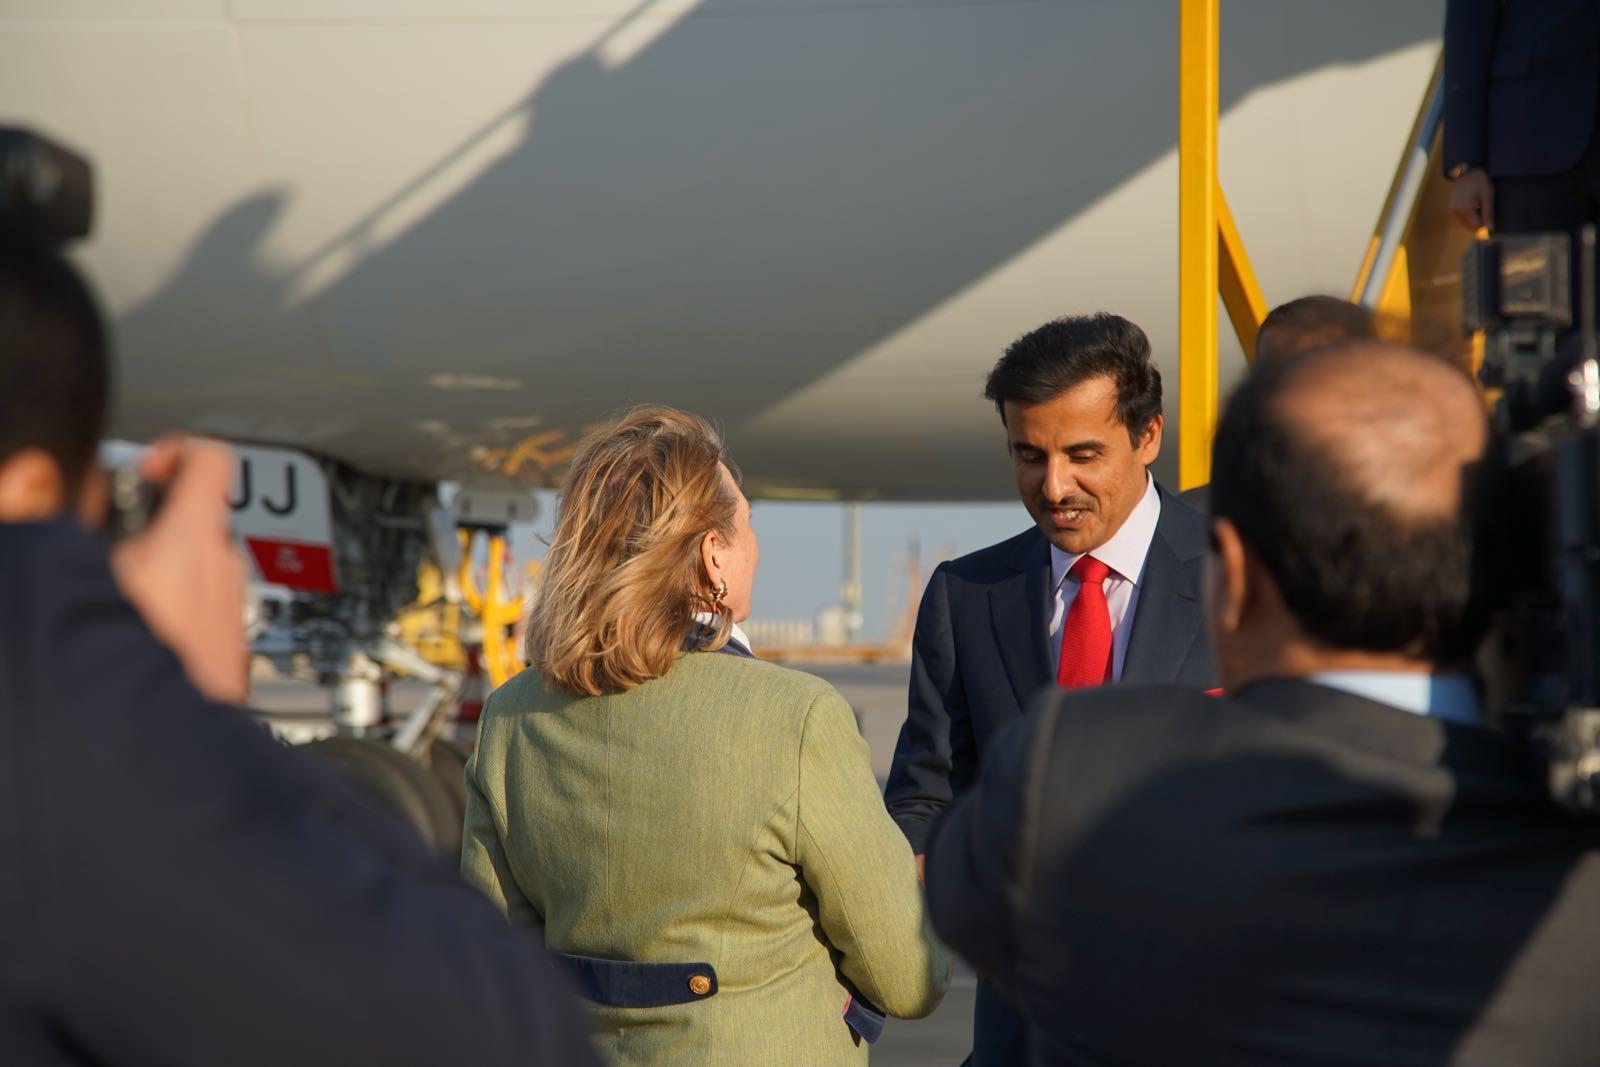 2019_03_04_4Gardekompanie_Flughafenspalier_Katar_Kneissl - 8 of 17